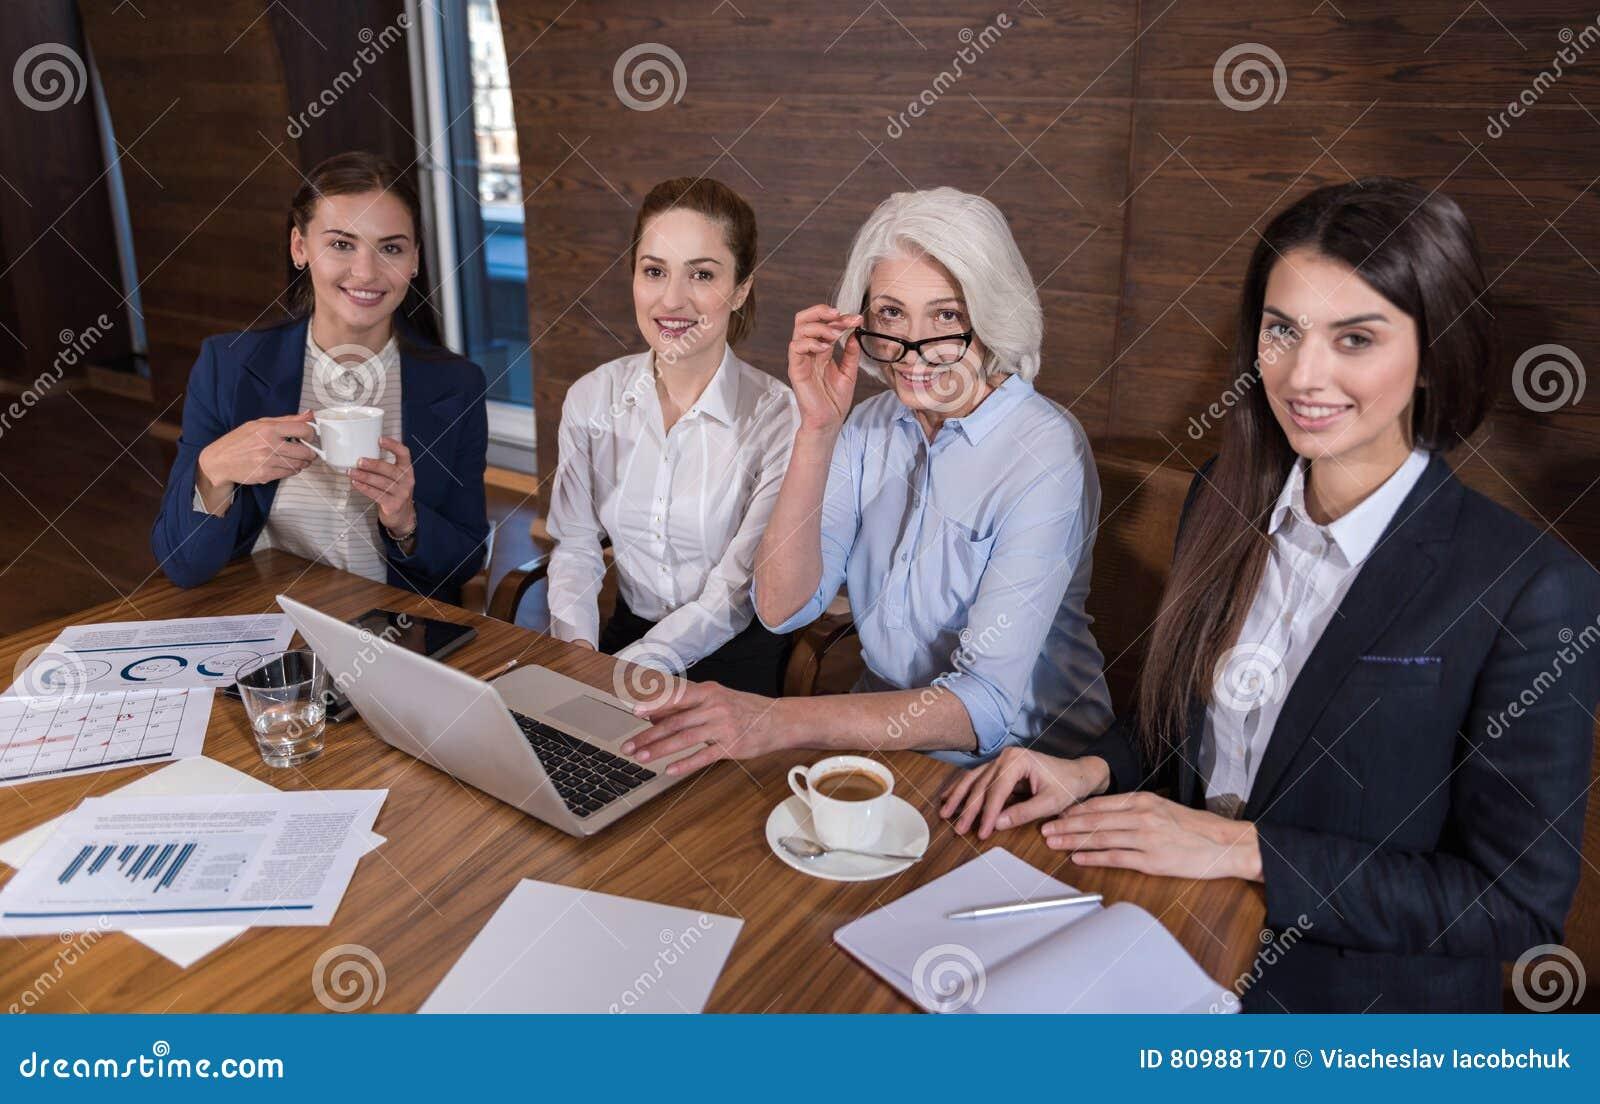 Услаженные коллеги представляя после работы